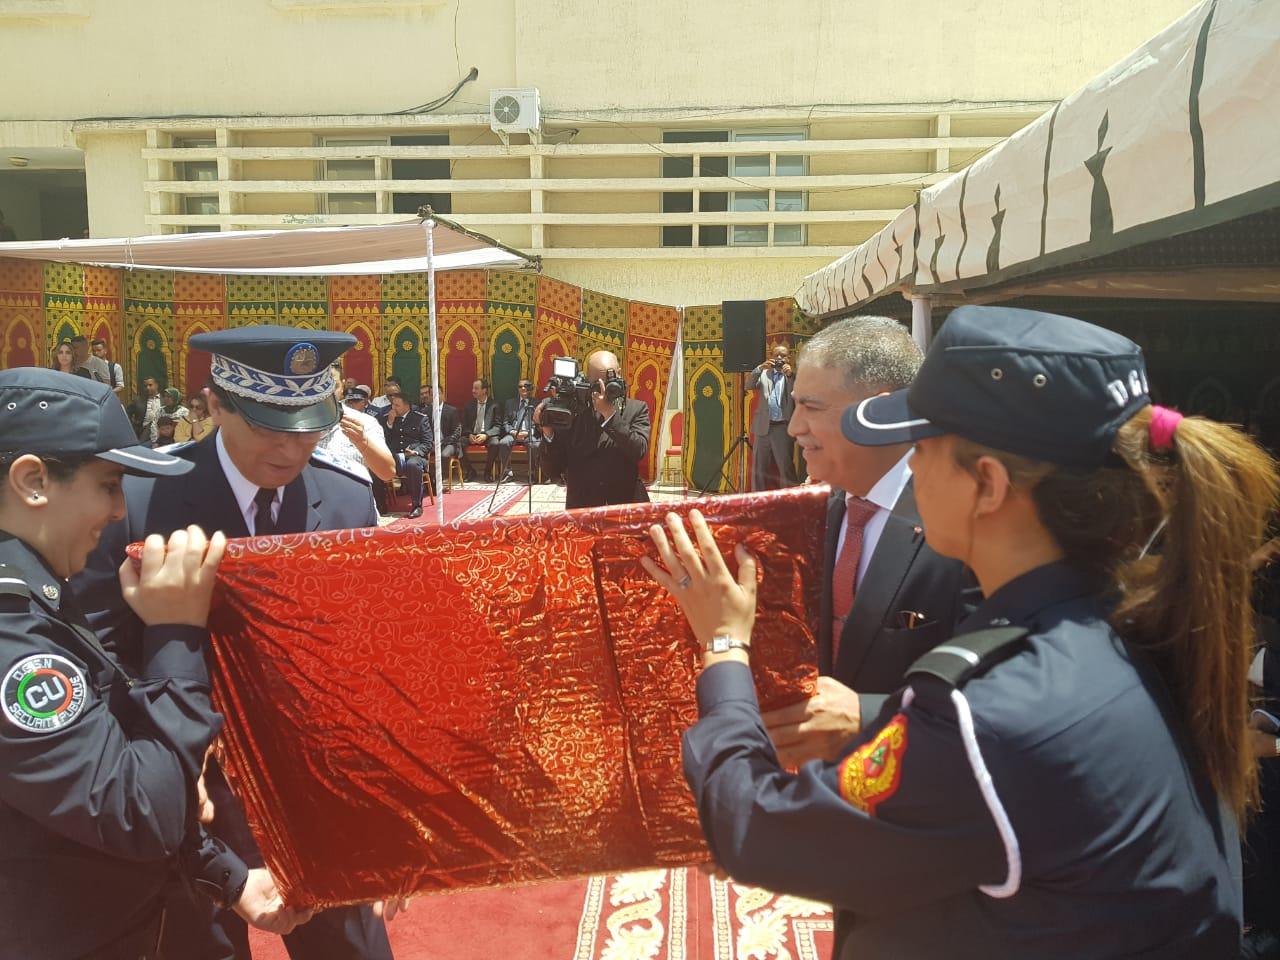 الأمن الوطني بإقليم سيدي سليمان يحتفل بذكرى التأسيس